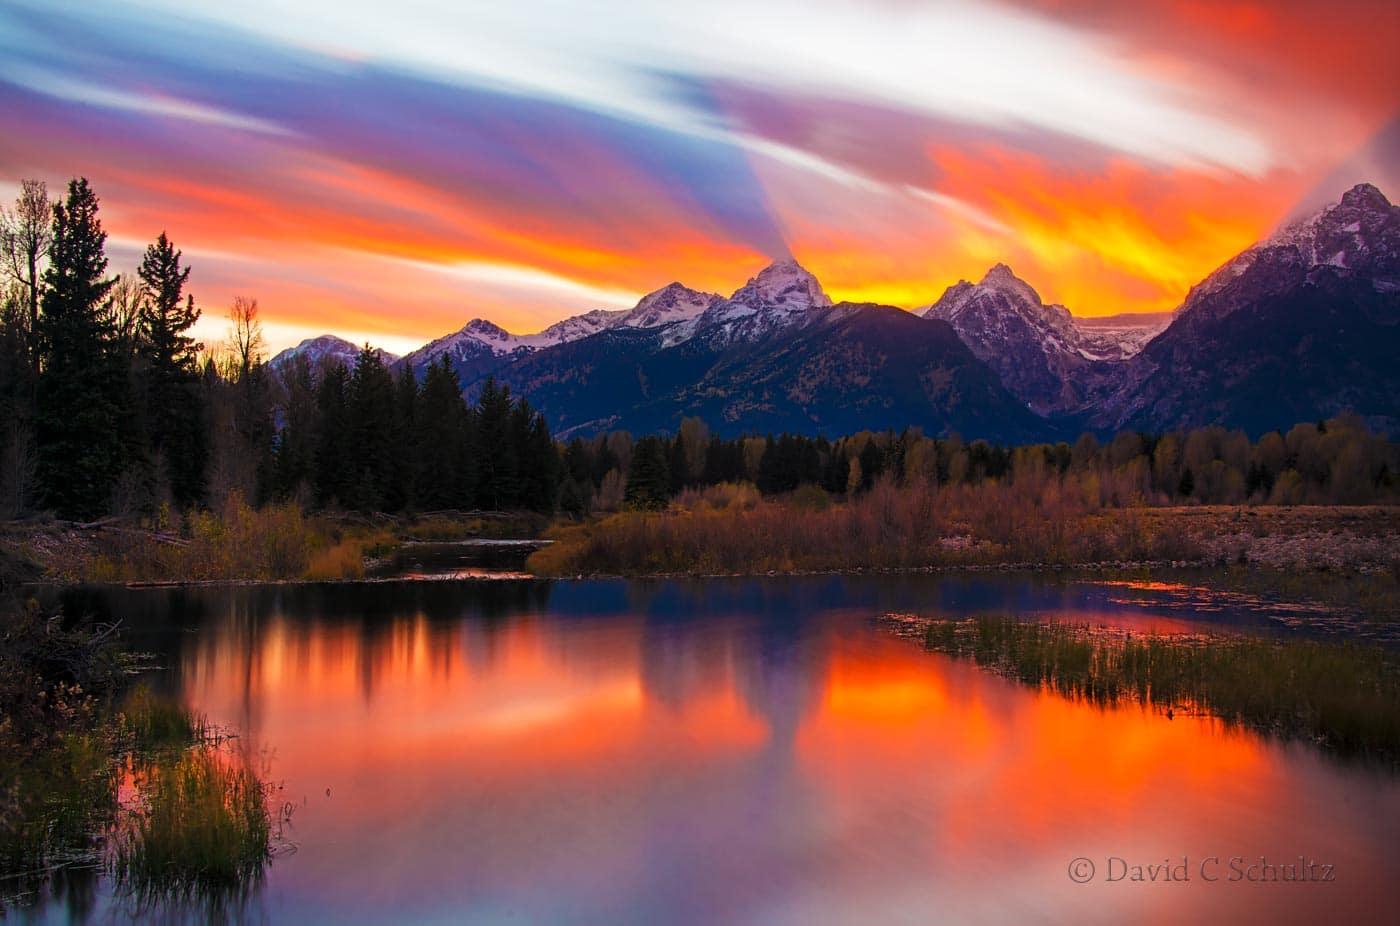 Teton National Park, WY - Image #44-2769